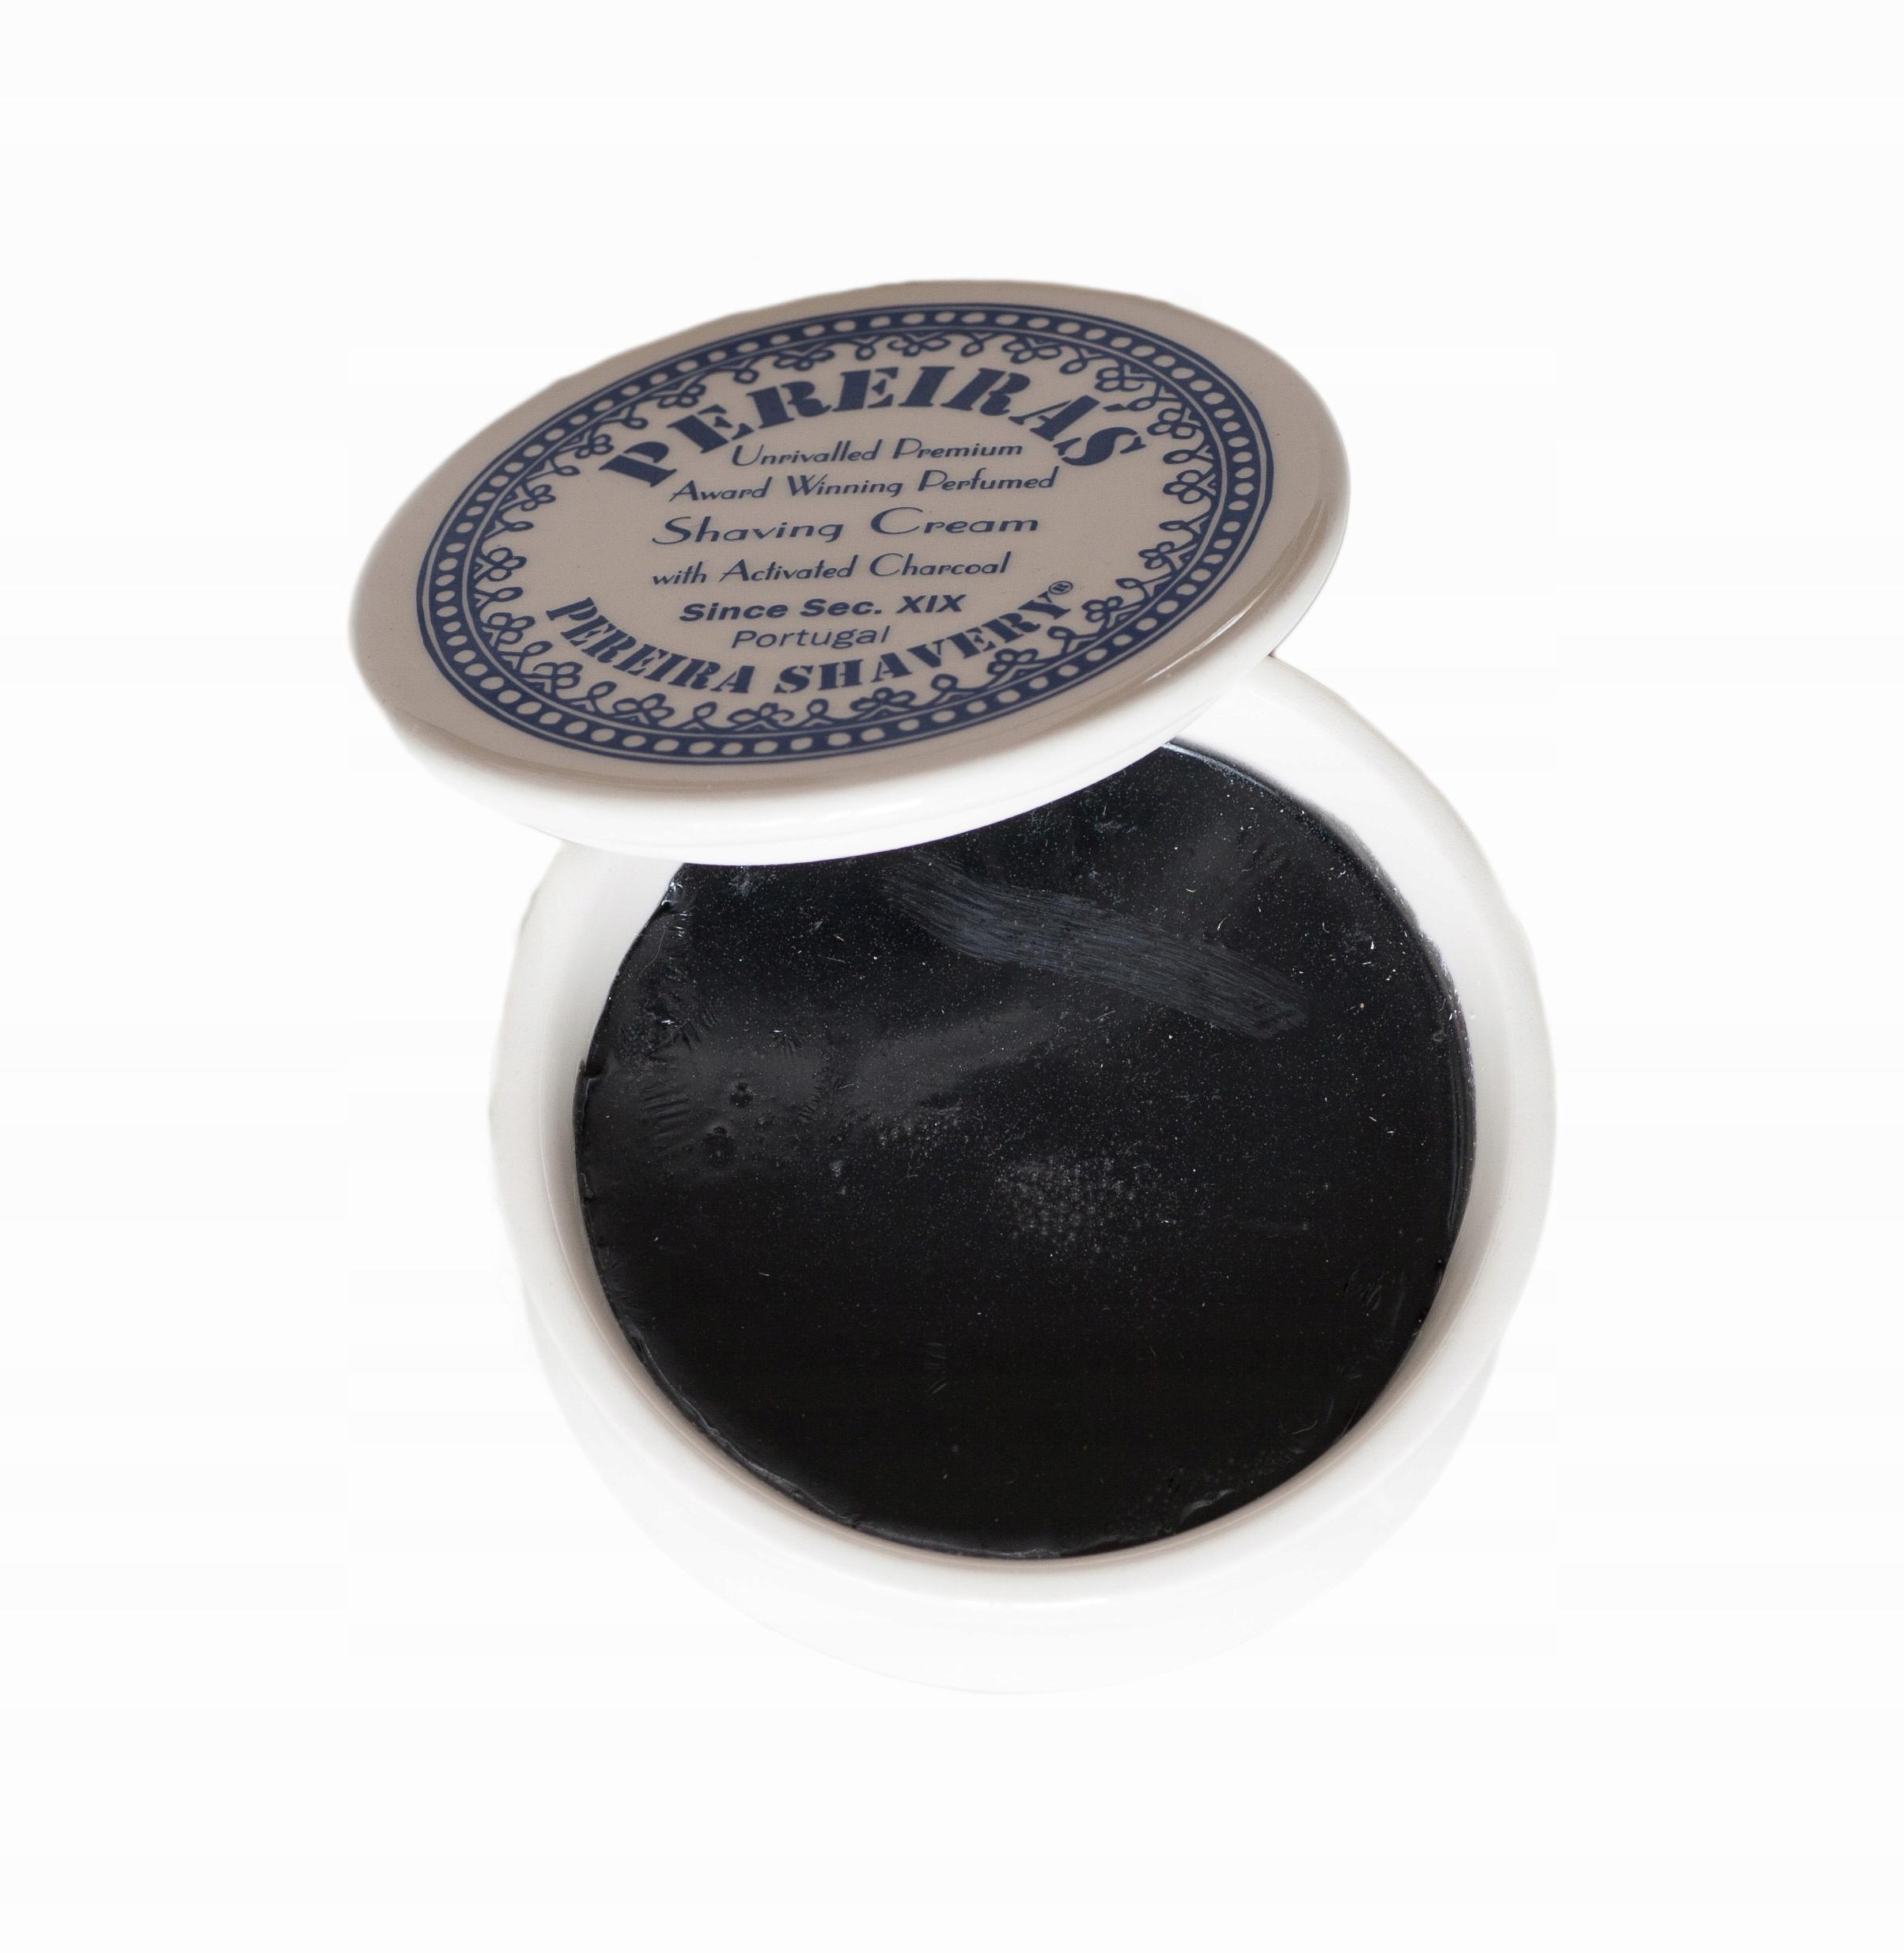 Pereira mydło do golenia w ceramicznym tyglu 120 g